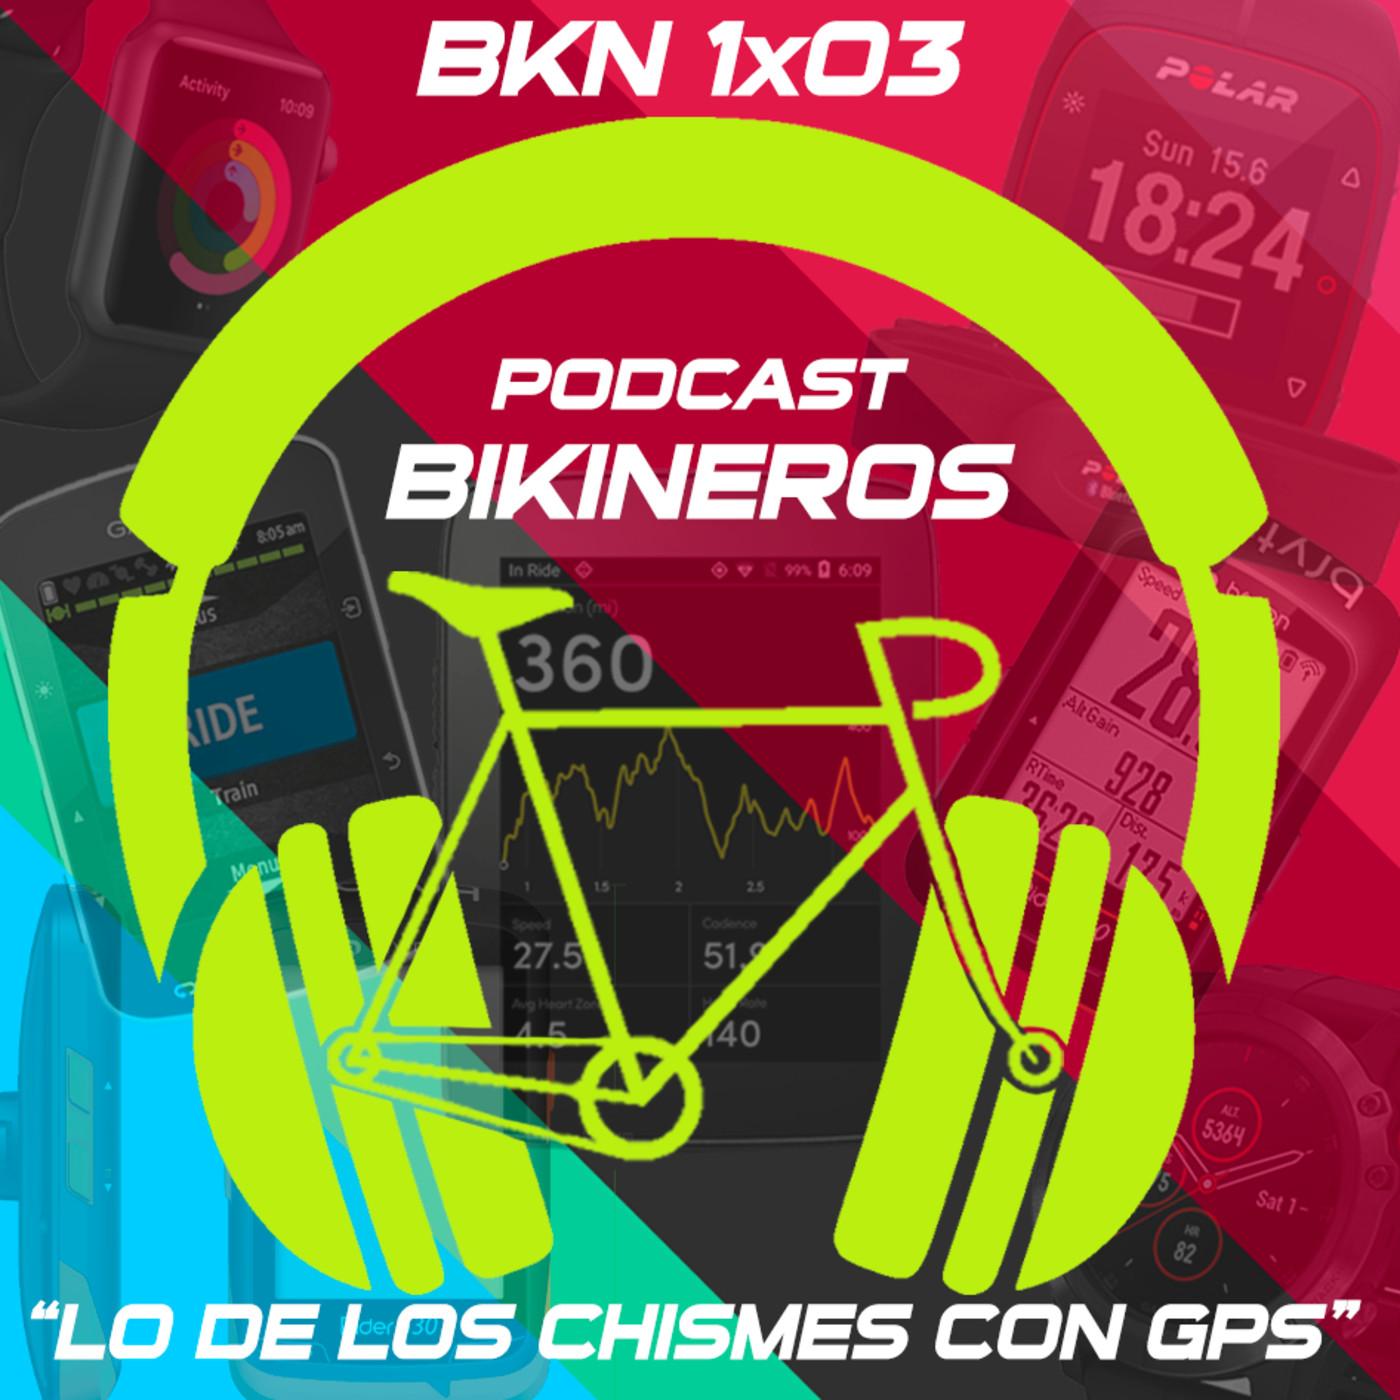 BKN 1x03: Lo de los GPS para ciclismo, Alexa y el Desarme de Oviedo